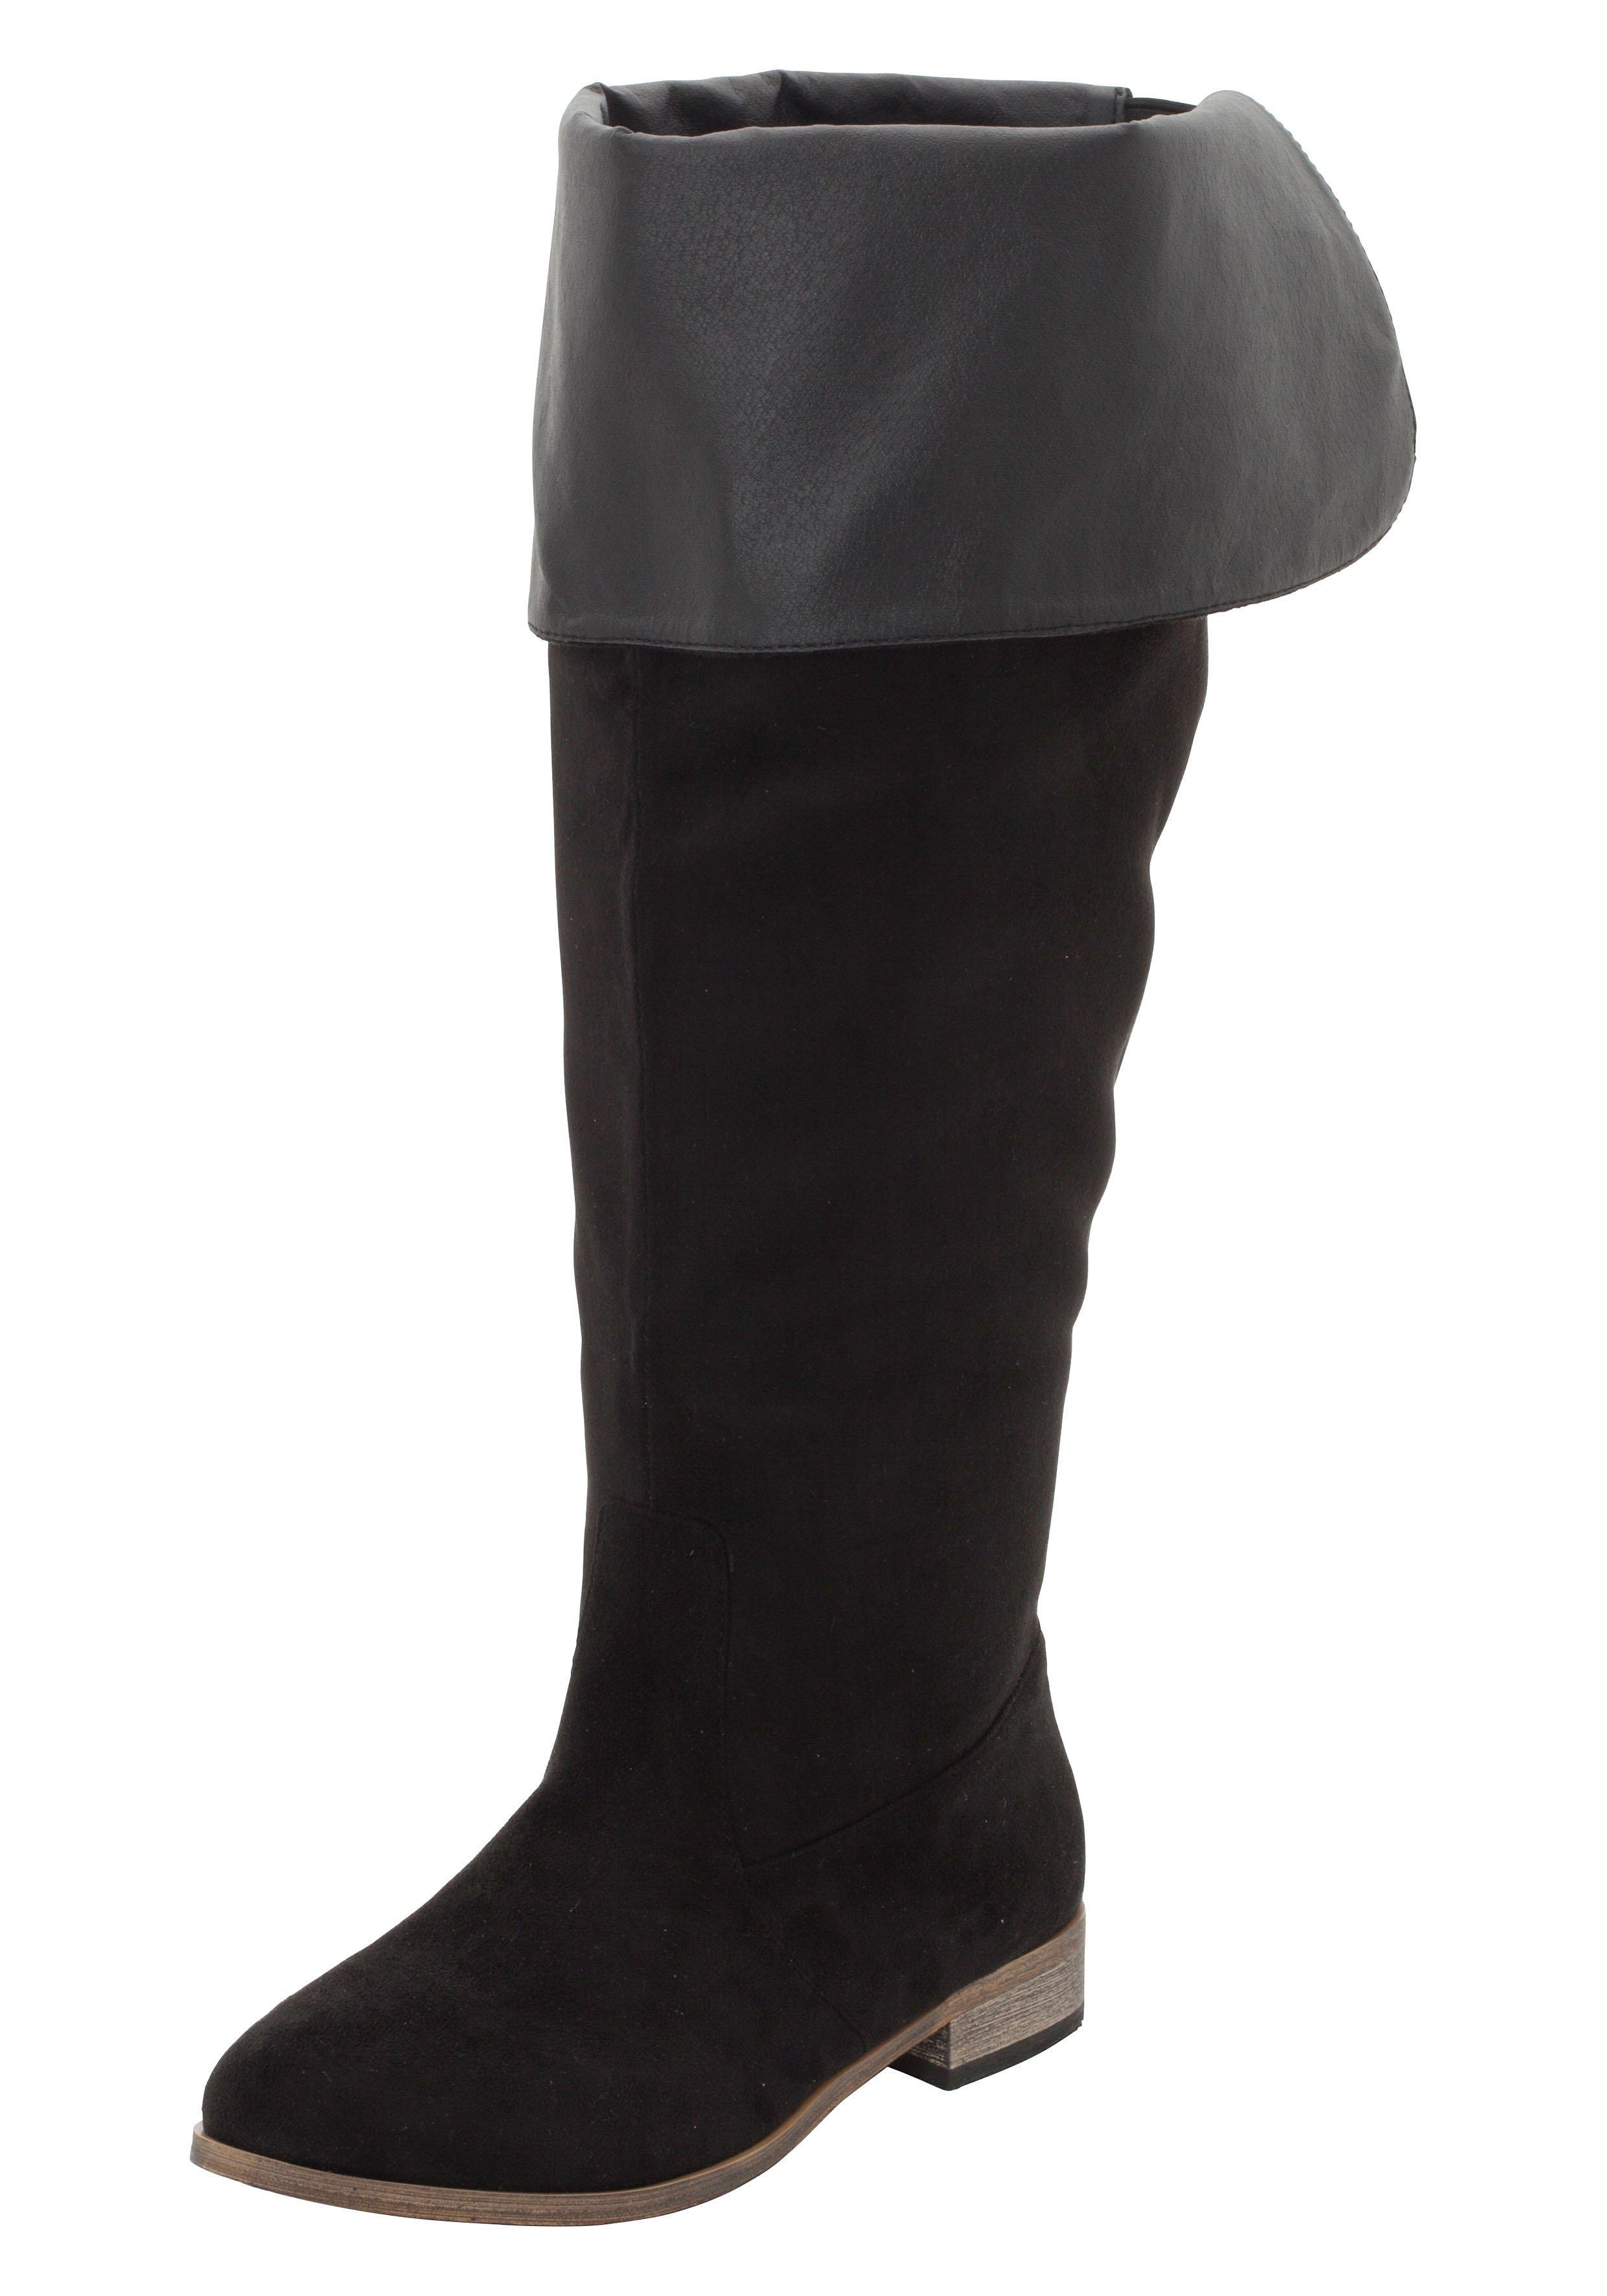 Große Größen: Weitschaftstiefel mit umklappbarem Schaft, schwarz, Gr.37-44